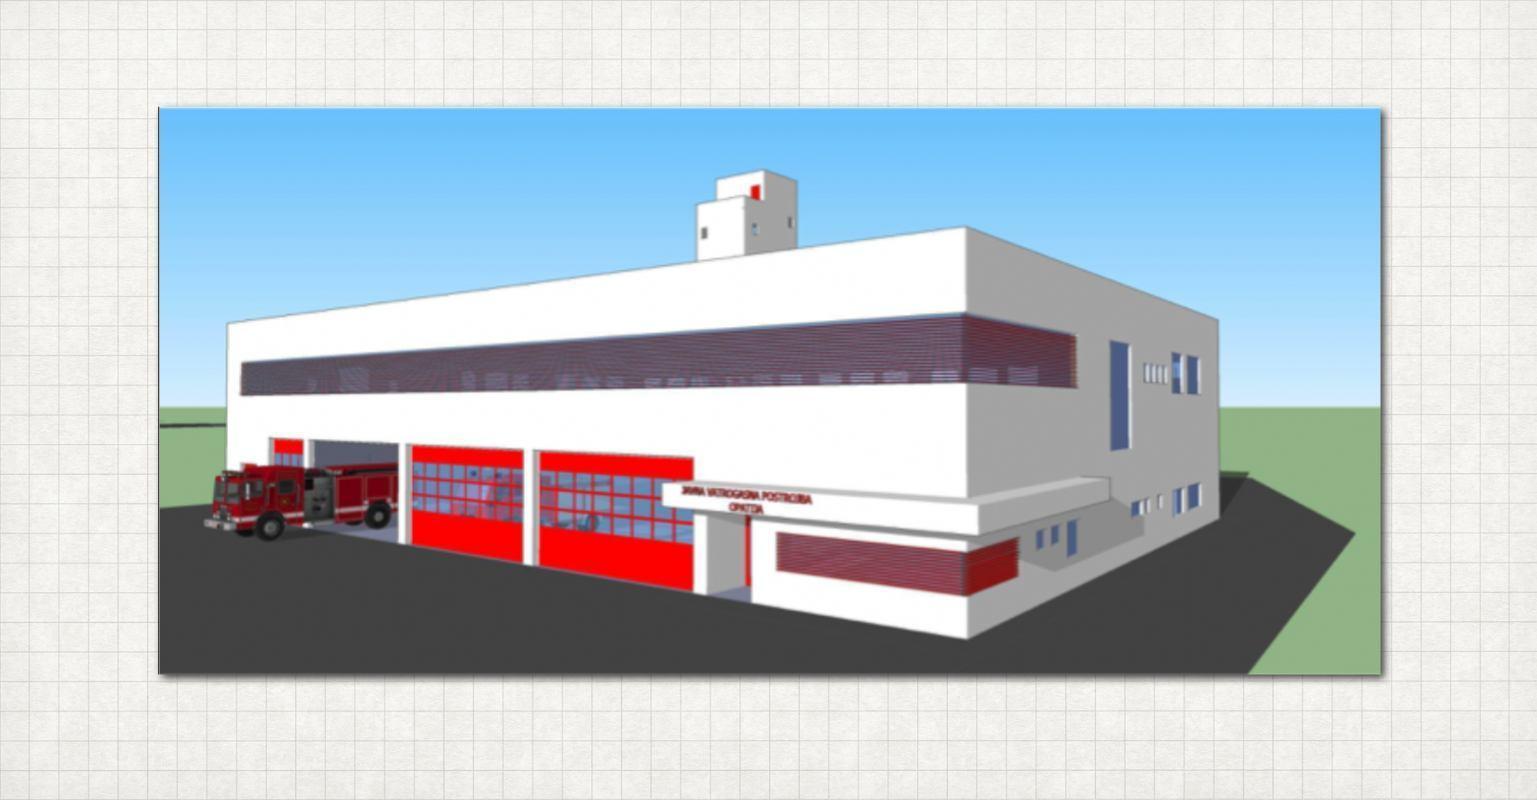 Novi natječaj i nova prilika za gradnju i/ili opremanje vatrogasnih domova